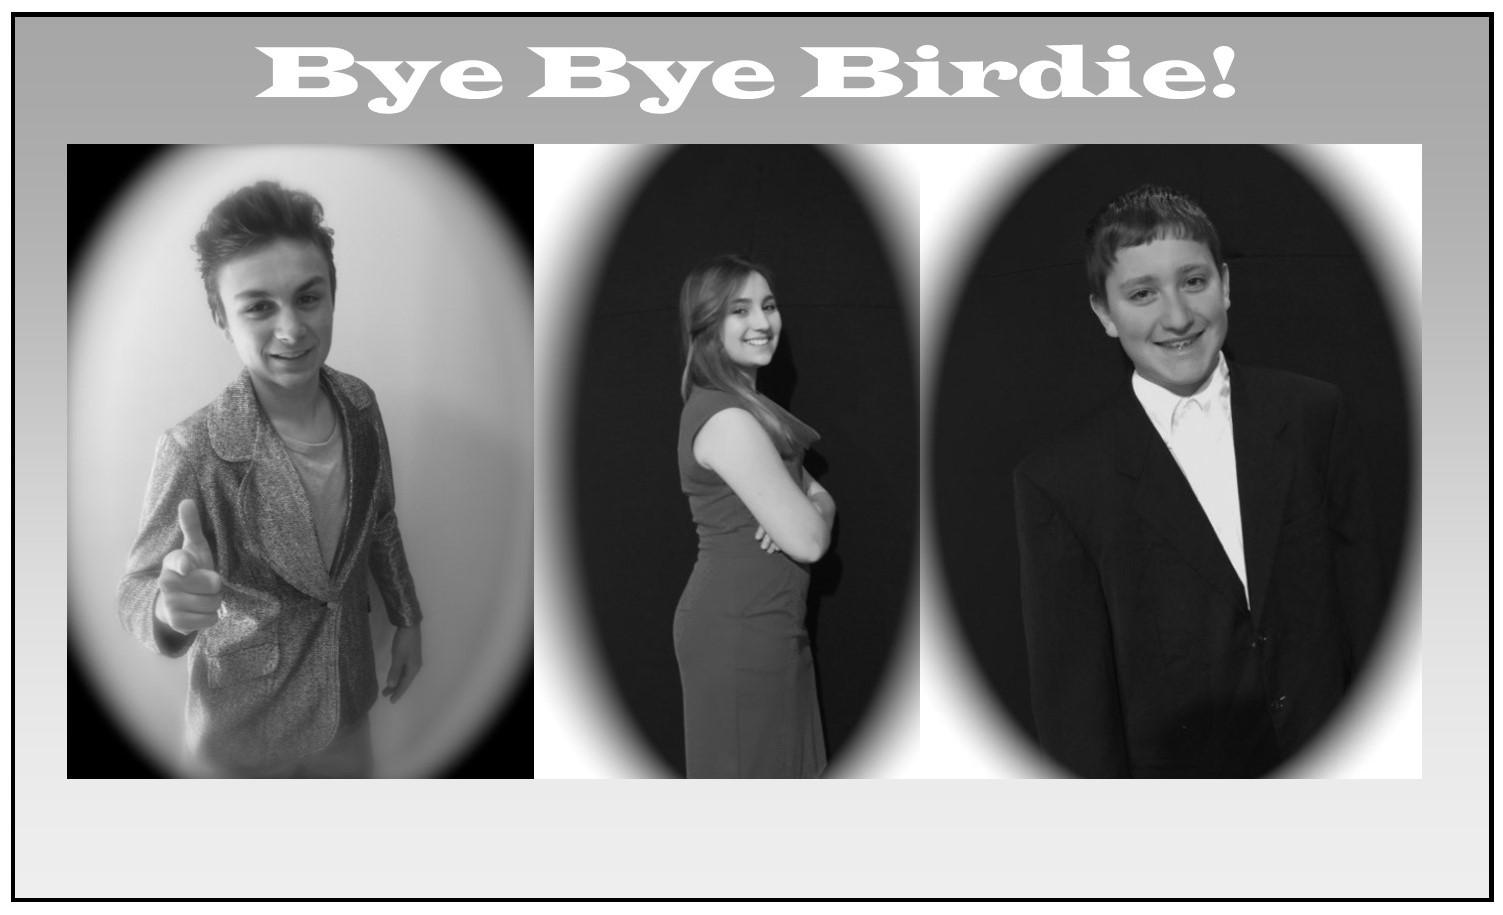 Bye Bye Birdie pic